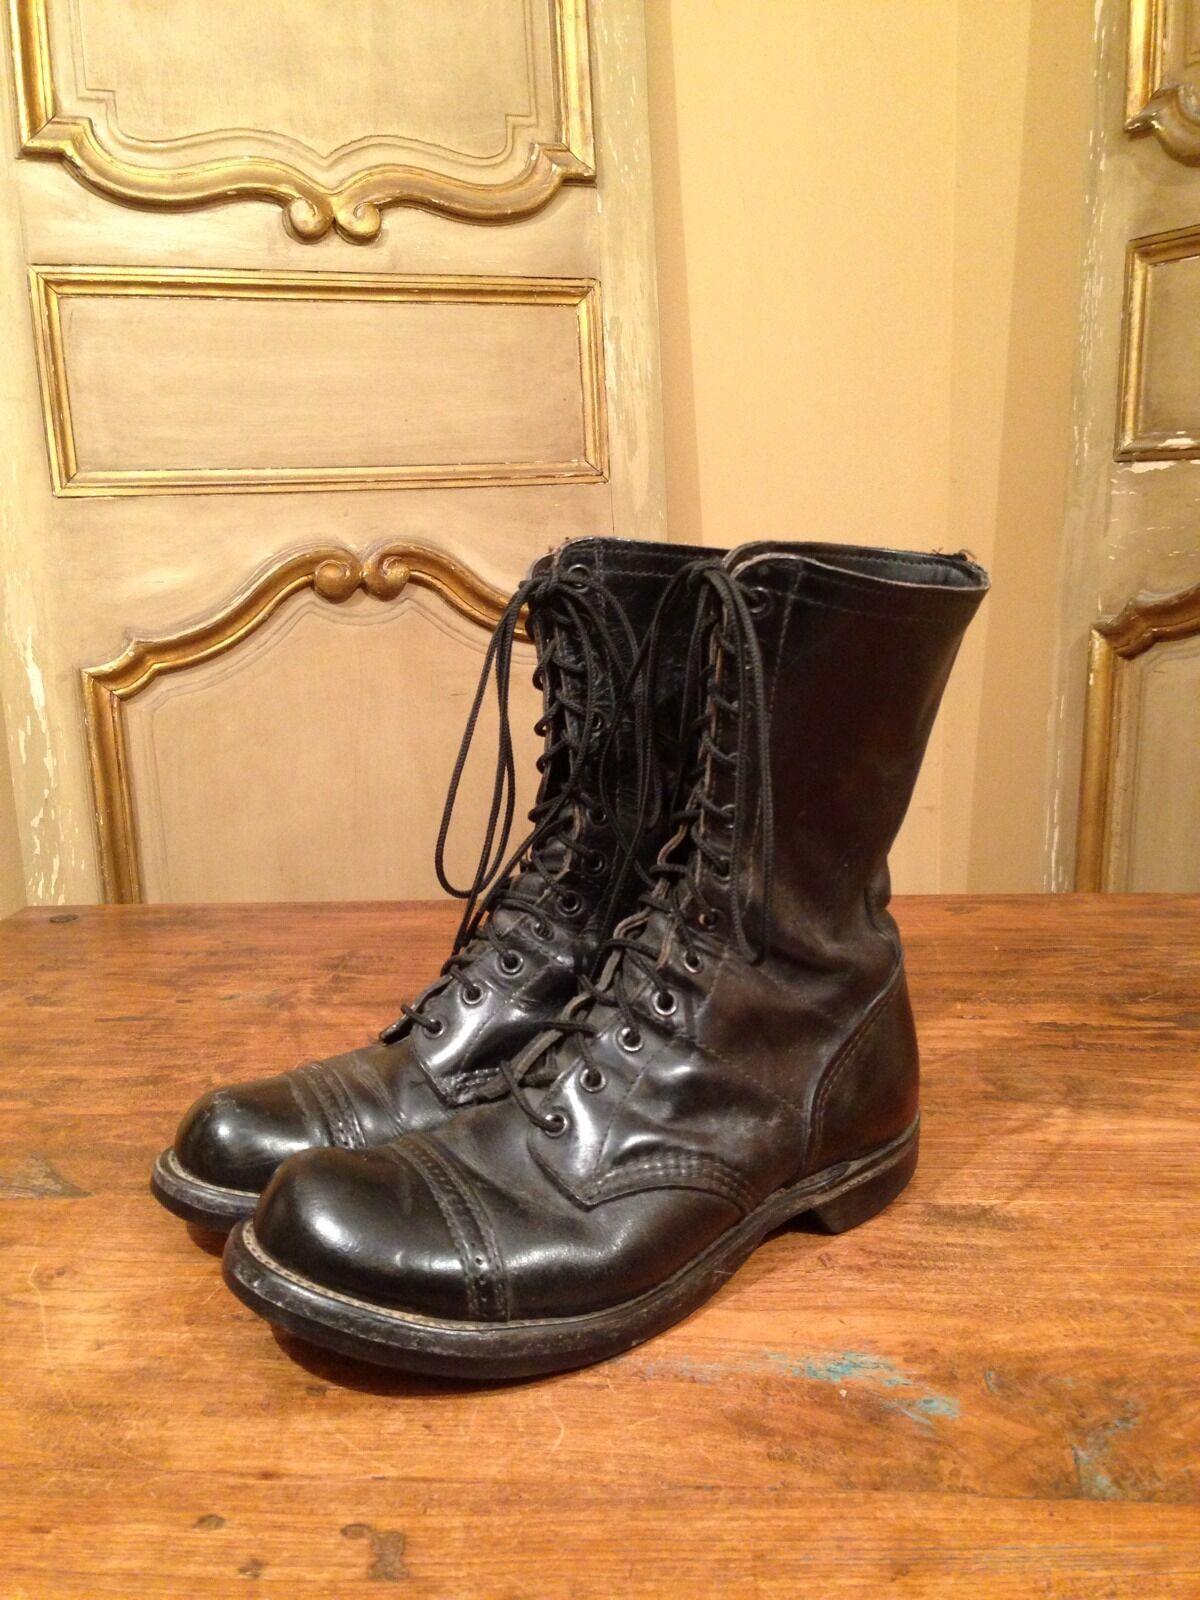 565a0deae43e 1964 Vietnam Military Military Military Army Johnny Depp Boots Mens 7.5  73620e